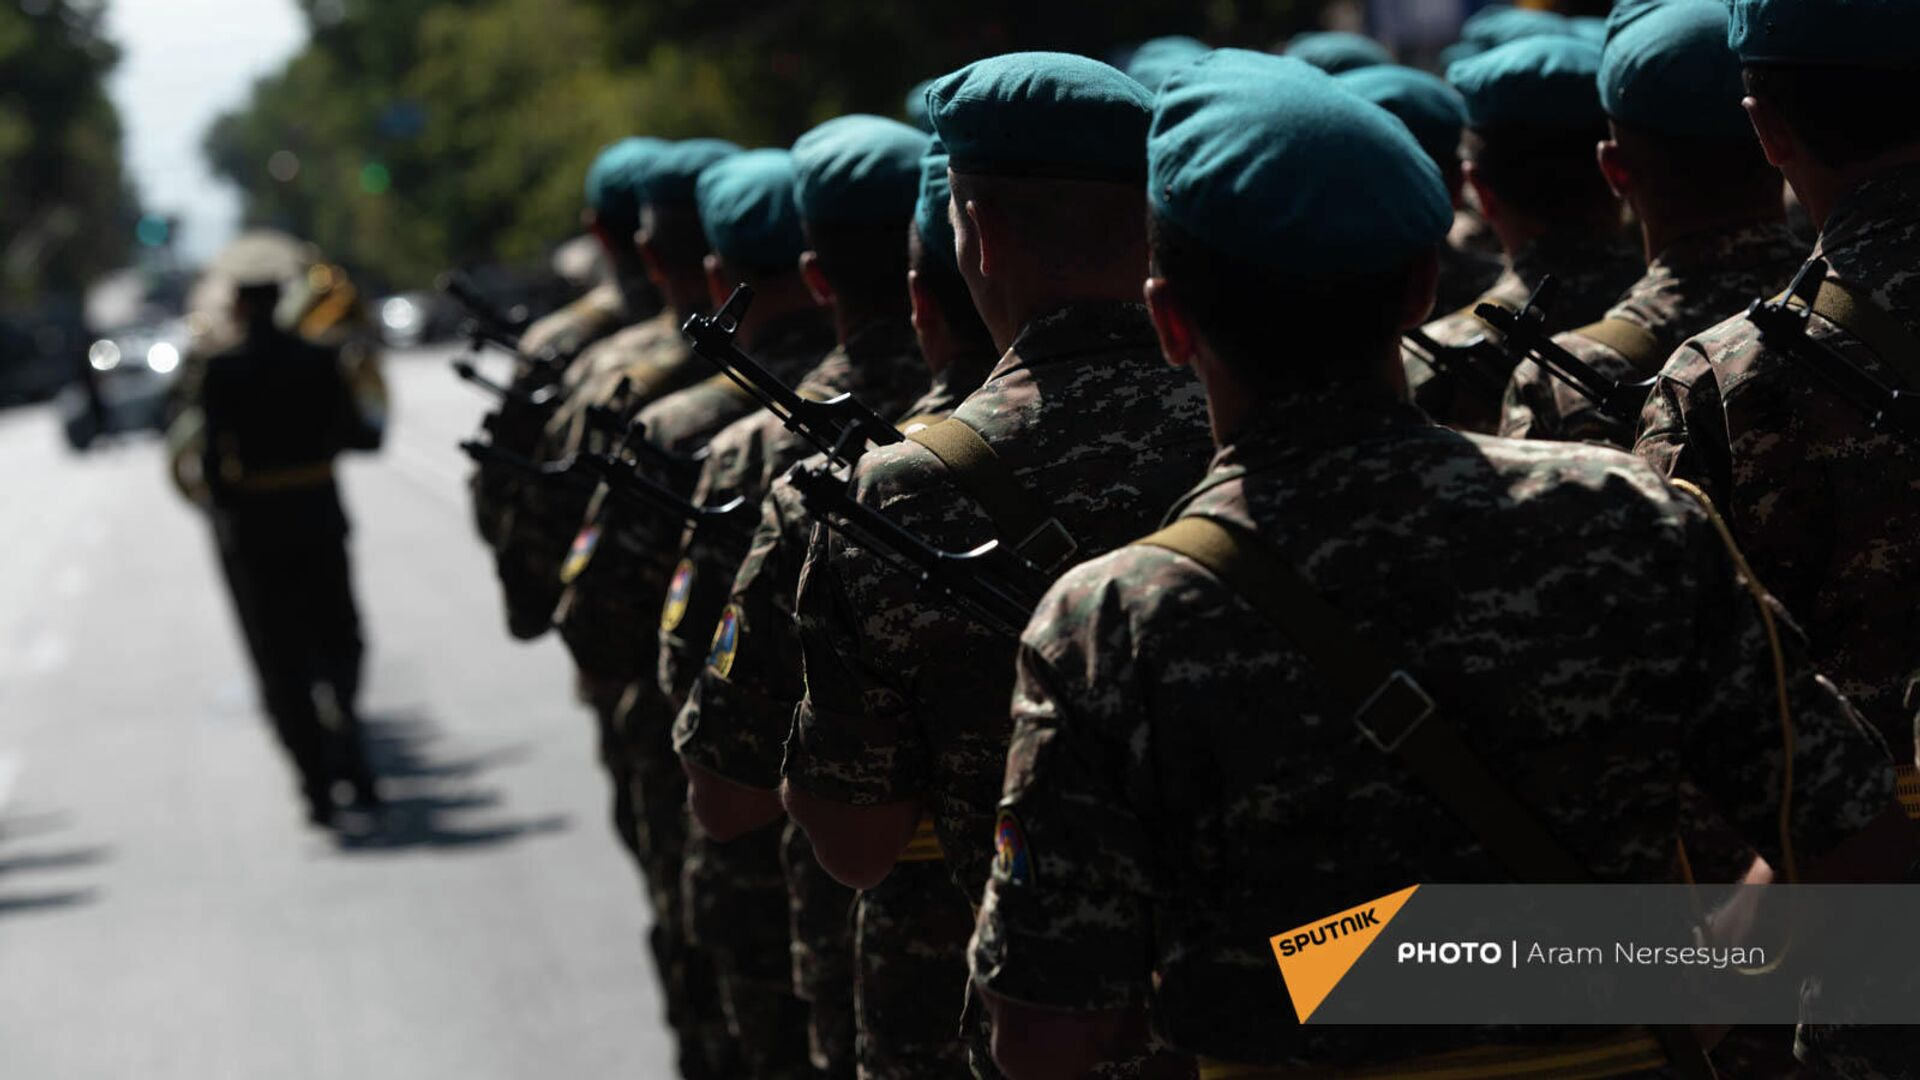 Զինվորականների երթ Երևանում - Sputnik Արմենիա, 1920, 21.09.2021